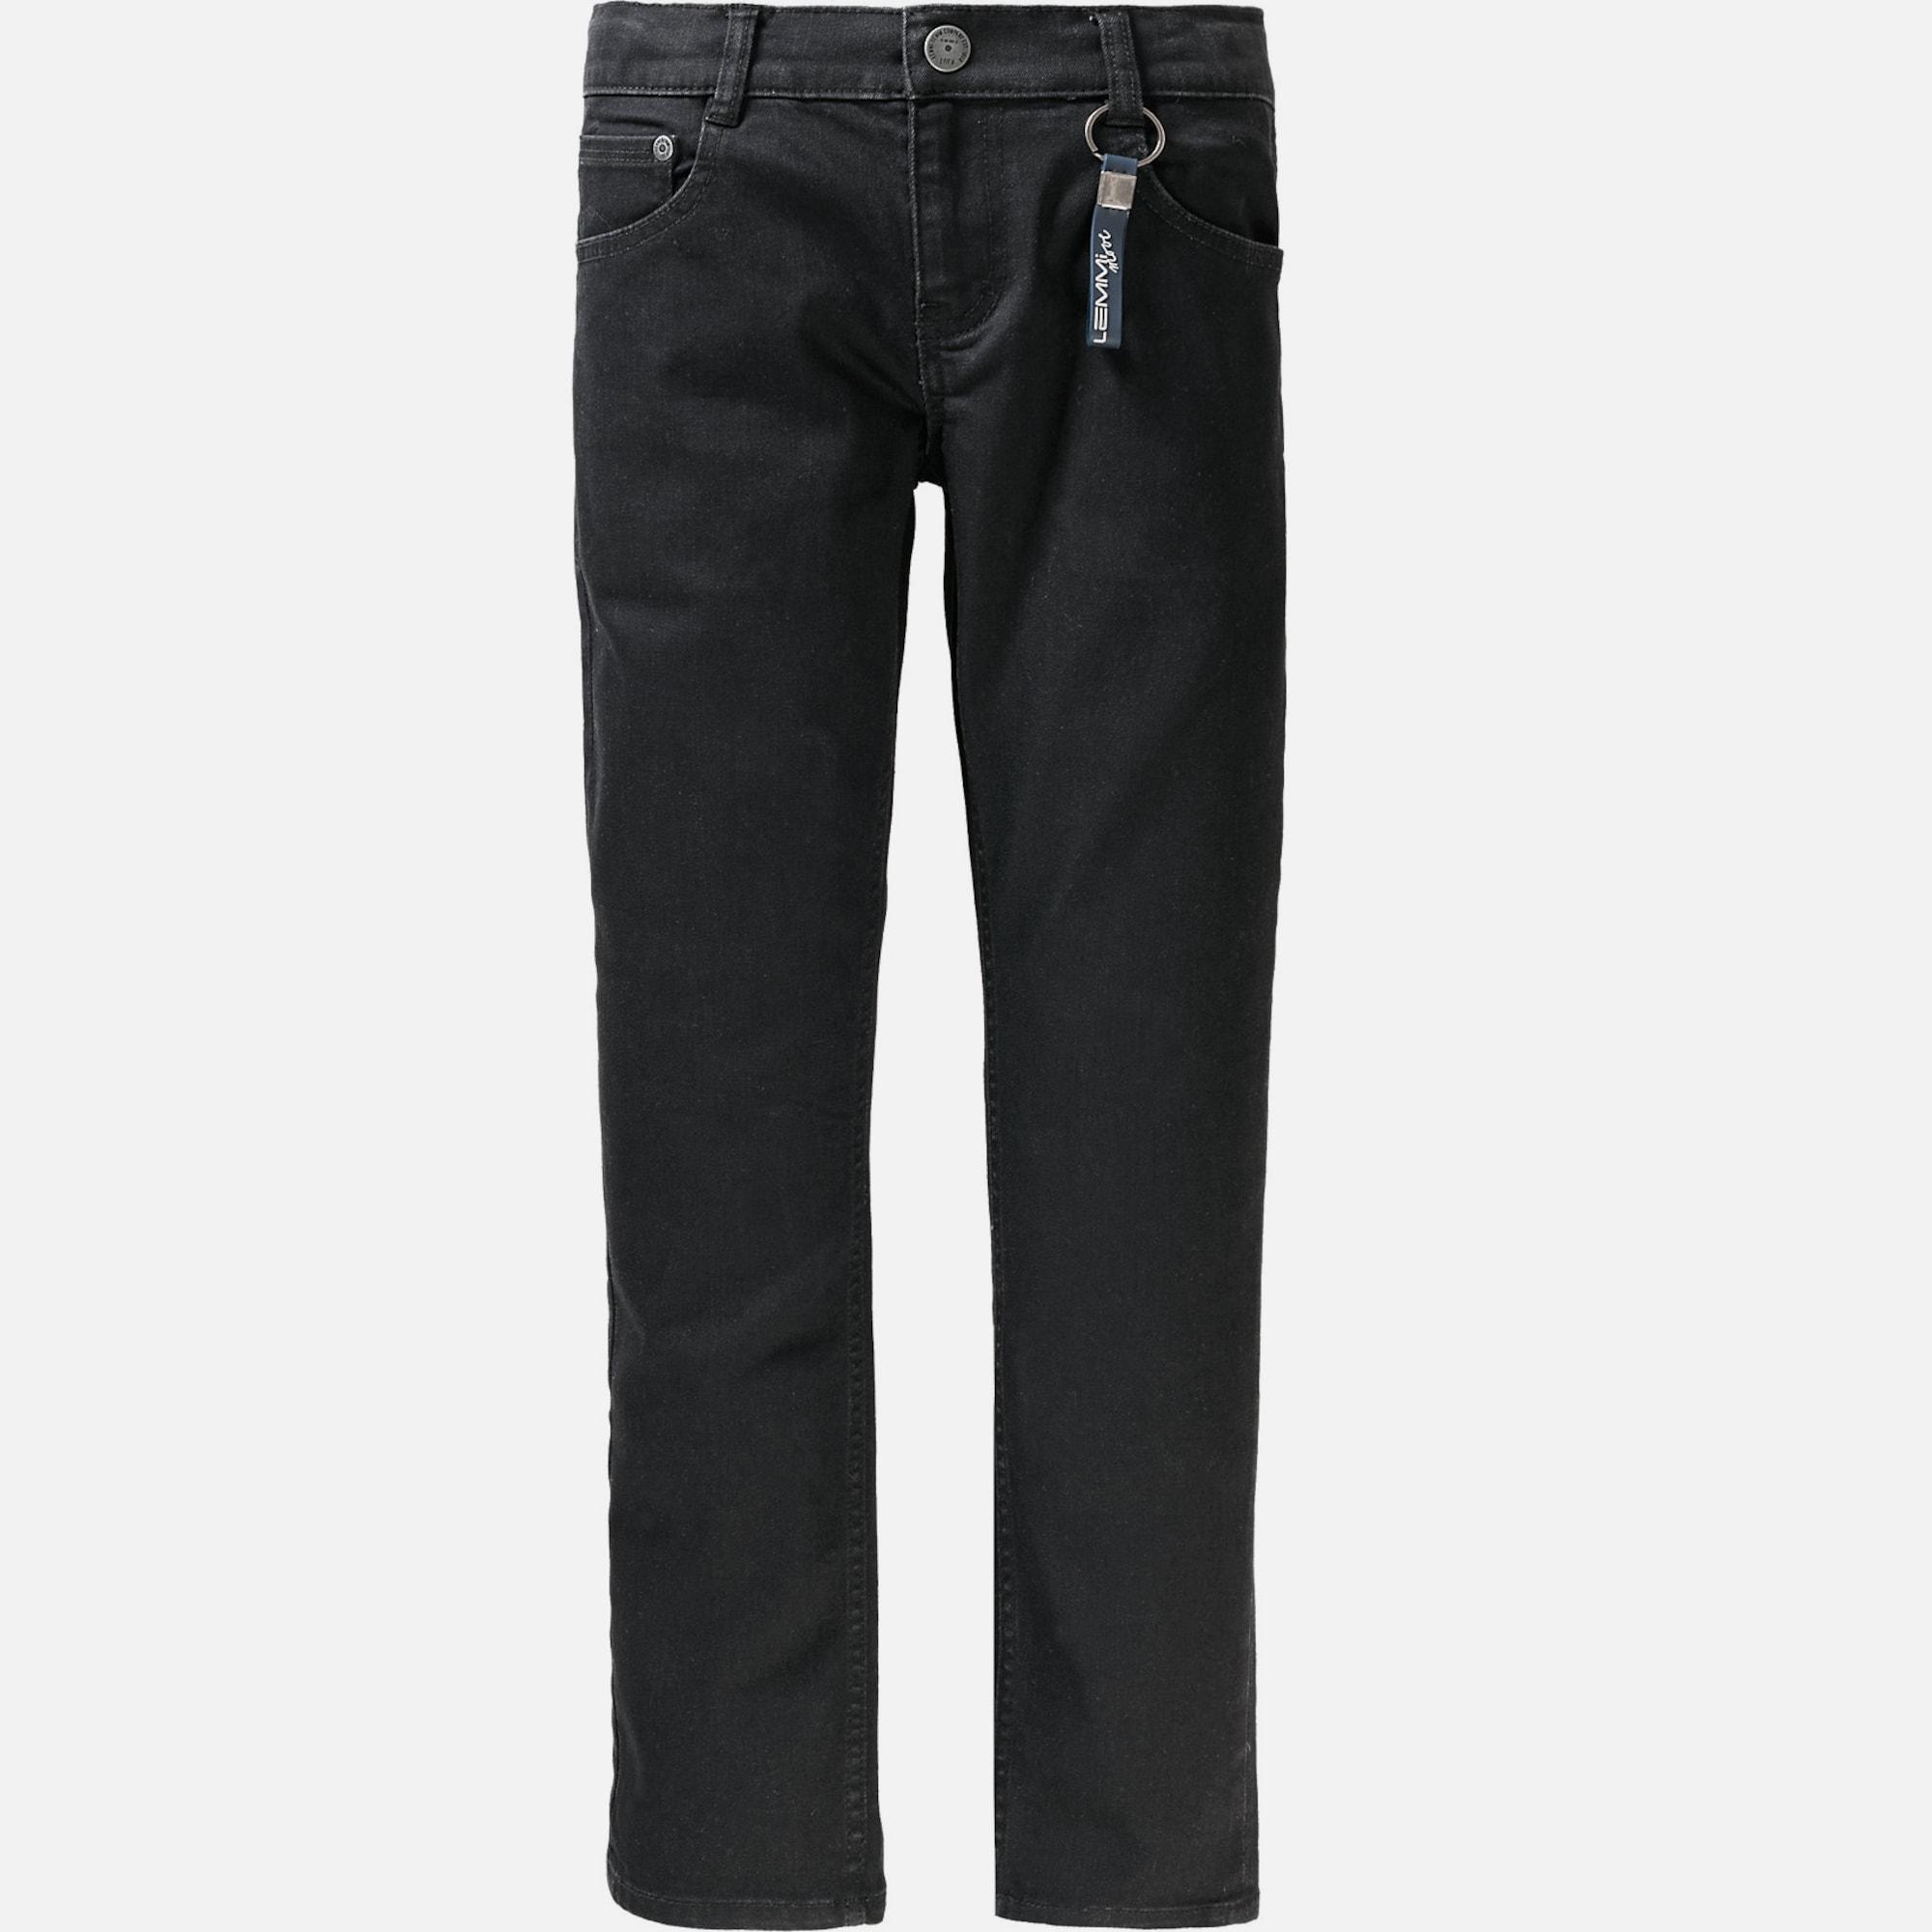 lemmi hose jeans boys tight fit big jungen kinder in schwarz about you. Black Bedroom Furniture Sets. Home Design Ideas